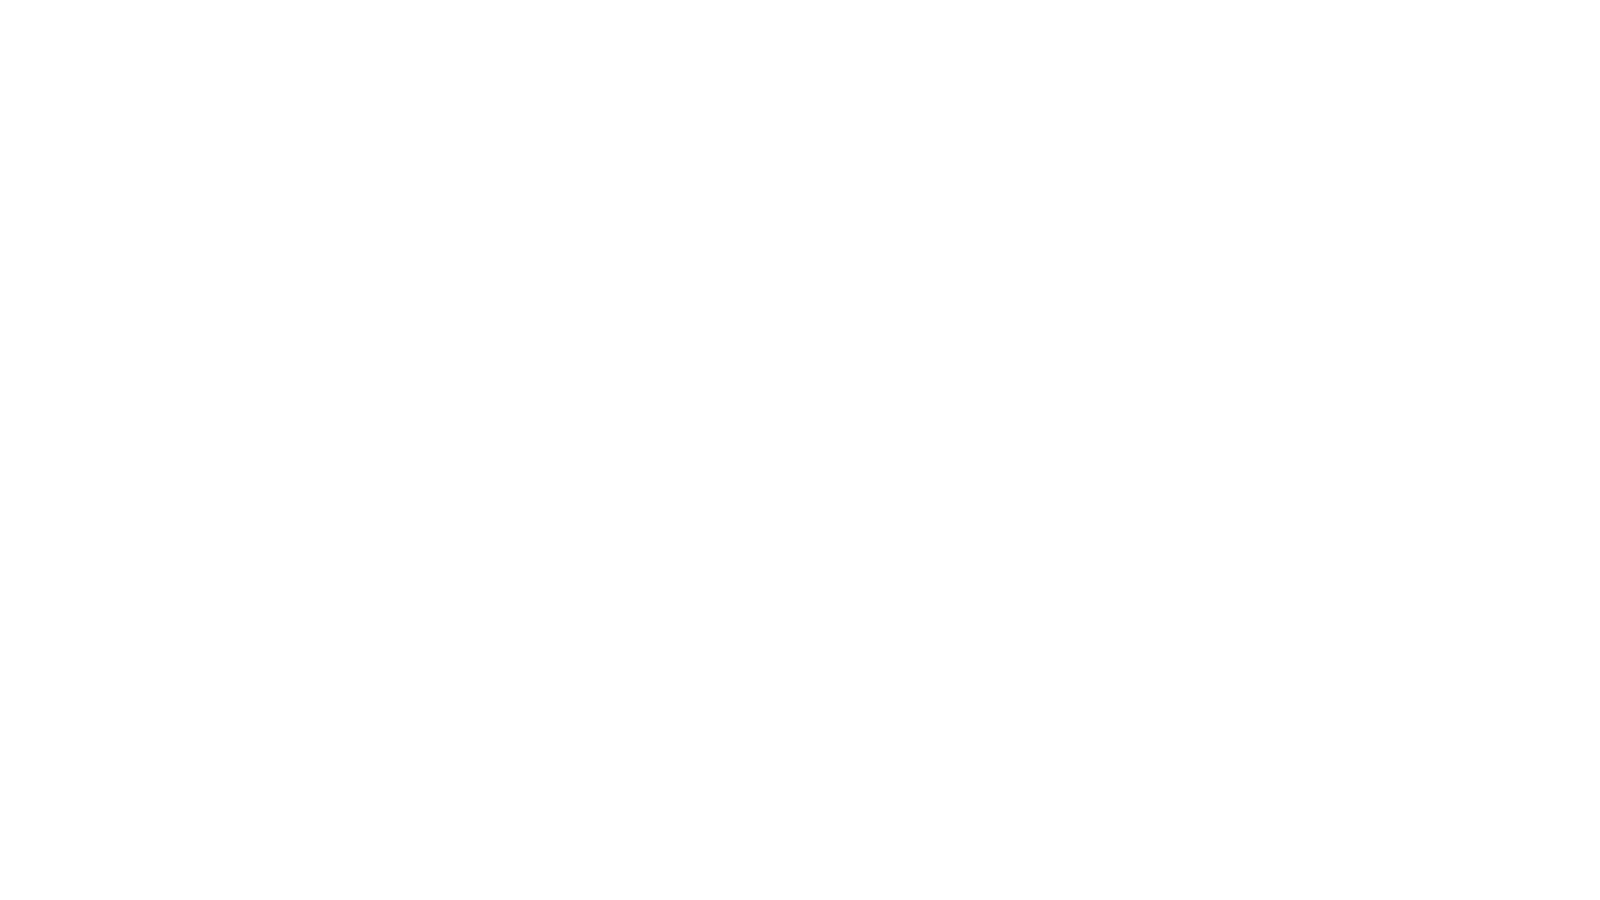 Pengadilan Agama Kuala Tungkal Sukses Gelar Sidang Istbath Nikah Terpadu di Kecamatan Tebing Tinggi yang bekerjasama dengan Kemenag, Dinas Dukcapil Kabupaten Tanjung Jabung Barat serta Kantor Urusan Agama Tebing Tinggi  Ayo dukung channel ini dengan like and subscribe  PA.Kuala Tungkal Bisa Menuju Wilayah Bebas dari Korupsi (WBK) dan Wilayah Birokrasi Bersih dan Melayani (WBBM)